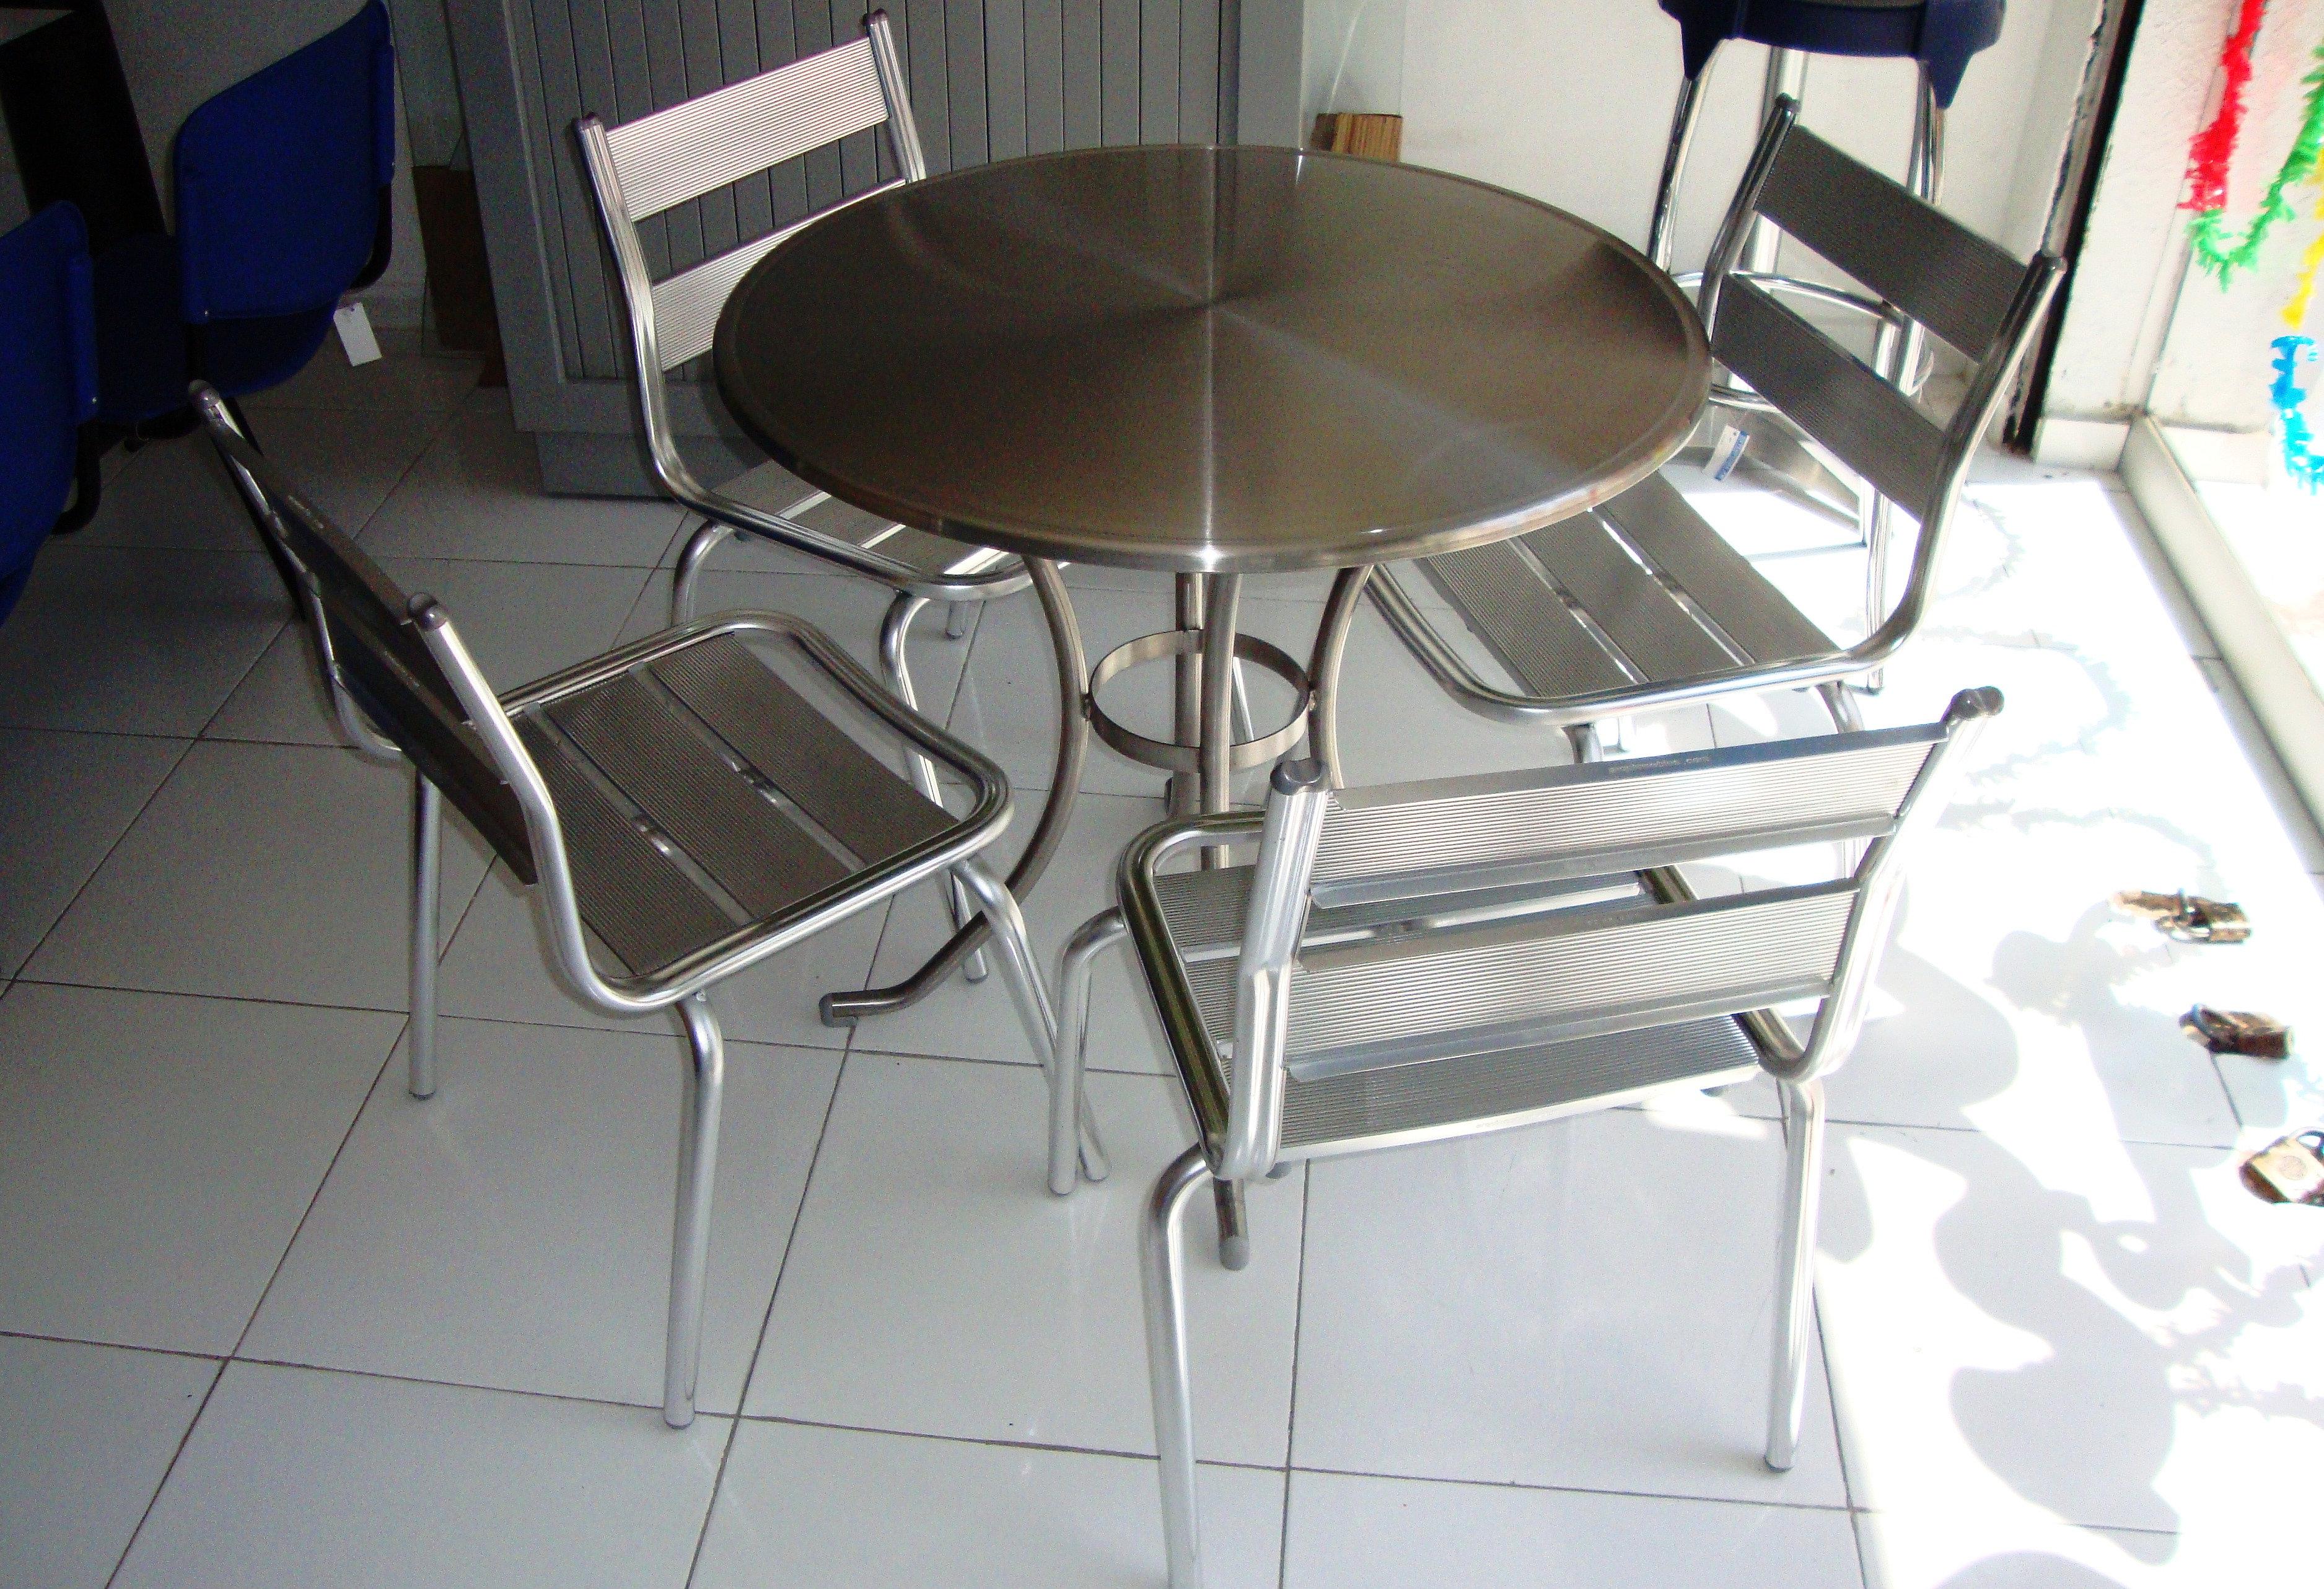 Sisteoficina jr muebles y divisiones de oficina for Muebles para cafeteria precios